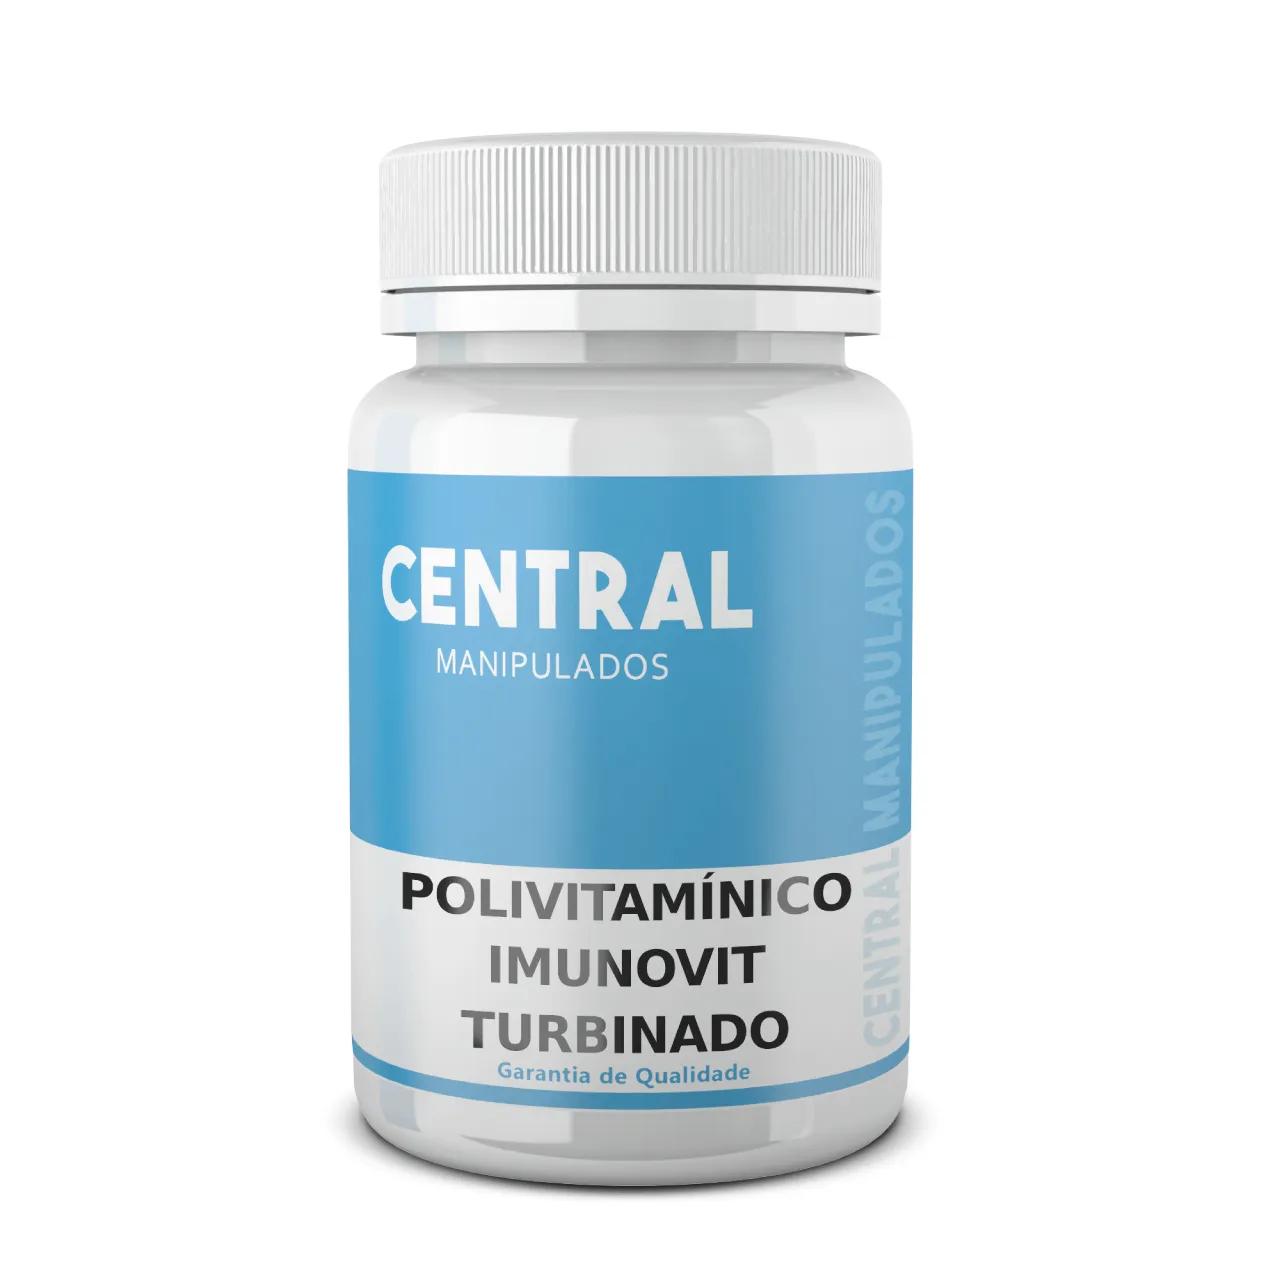 Polivitamínico ImunoVit TURBINADO - Rico em Própolis, D3, Zinco e Vitamina C - 240 cápsulas